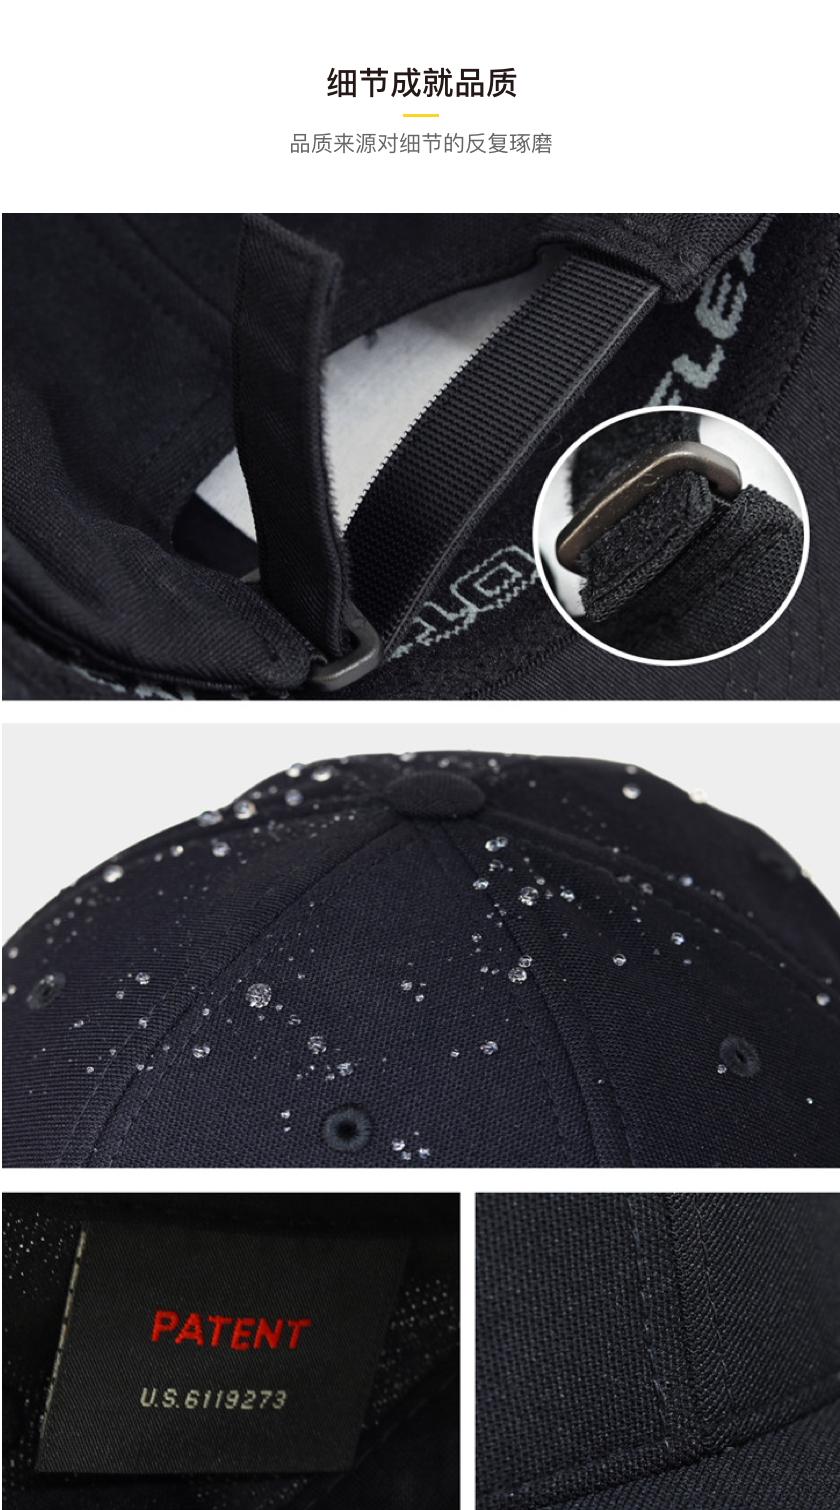 定制FLEXFIT运动弯檐棒球帽细节4